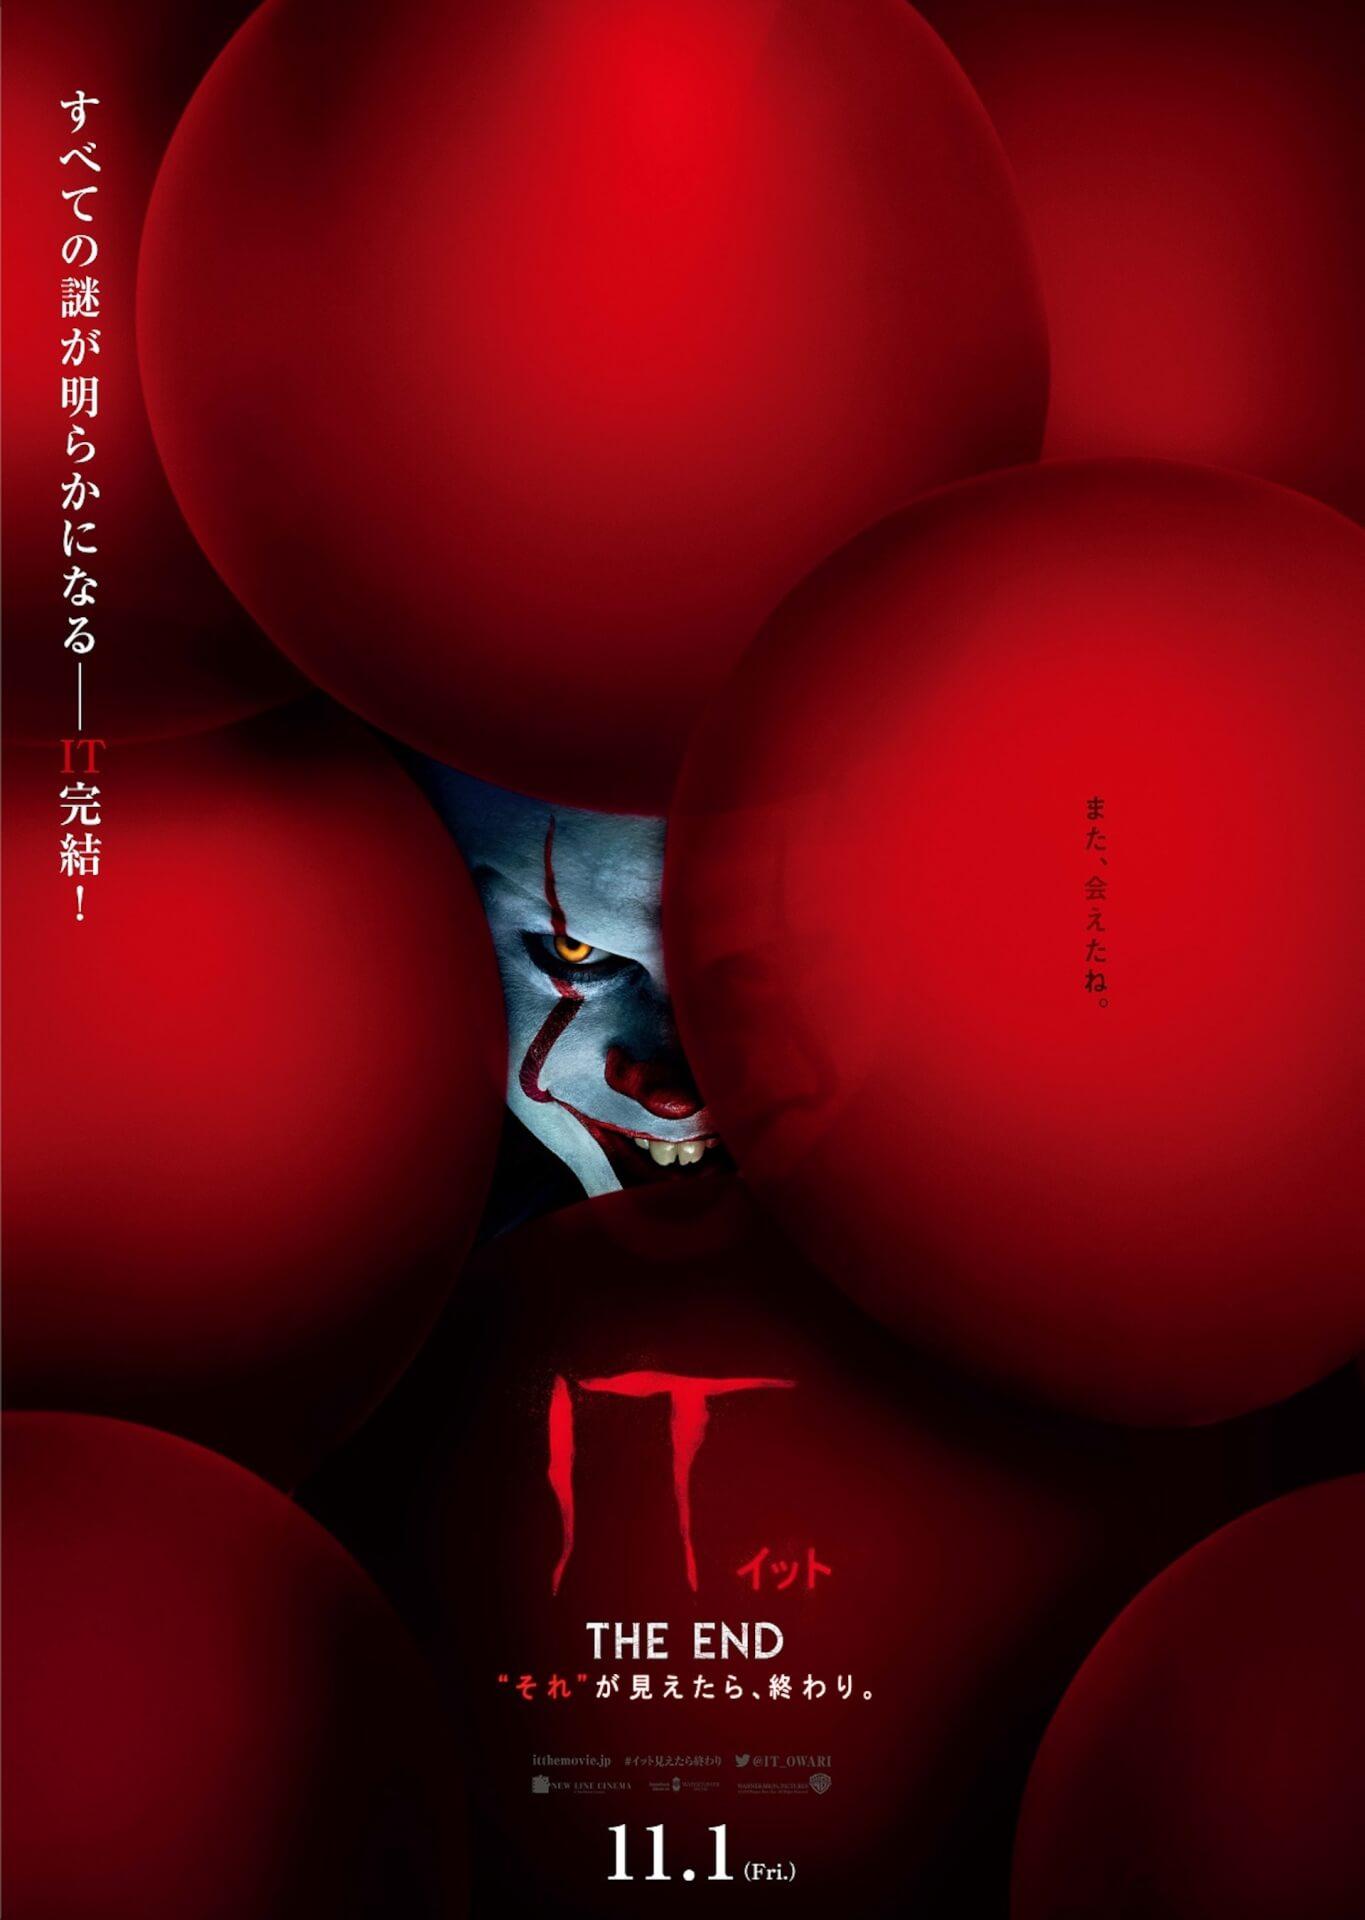 """270度・3面スクリーンからペニー・ワイズが襲いかかる!『IT/イット THE END """"それ""""が見えたら、終わり。』ScreenX上映決定 0823it2_poster_trim-"""